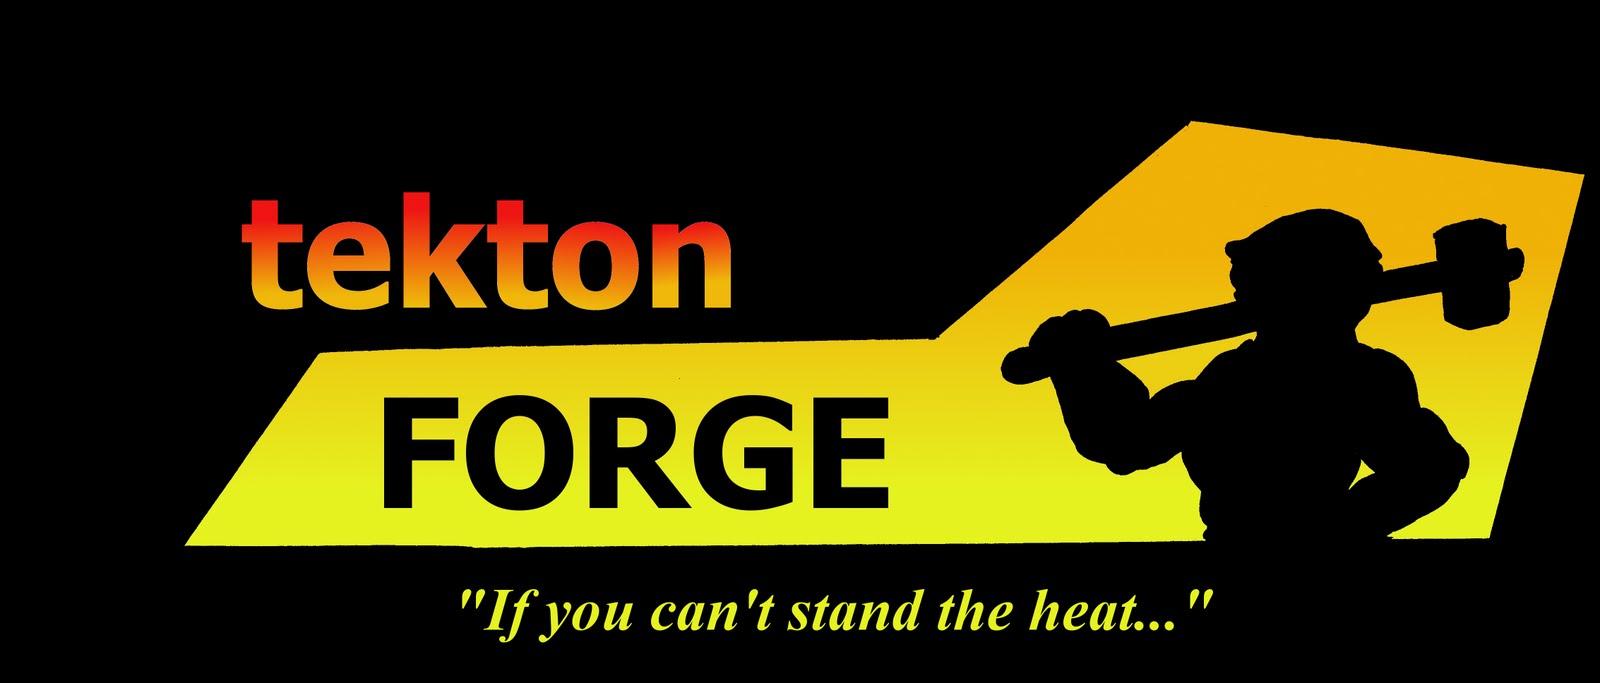 Tekton Forge